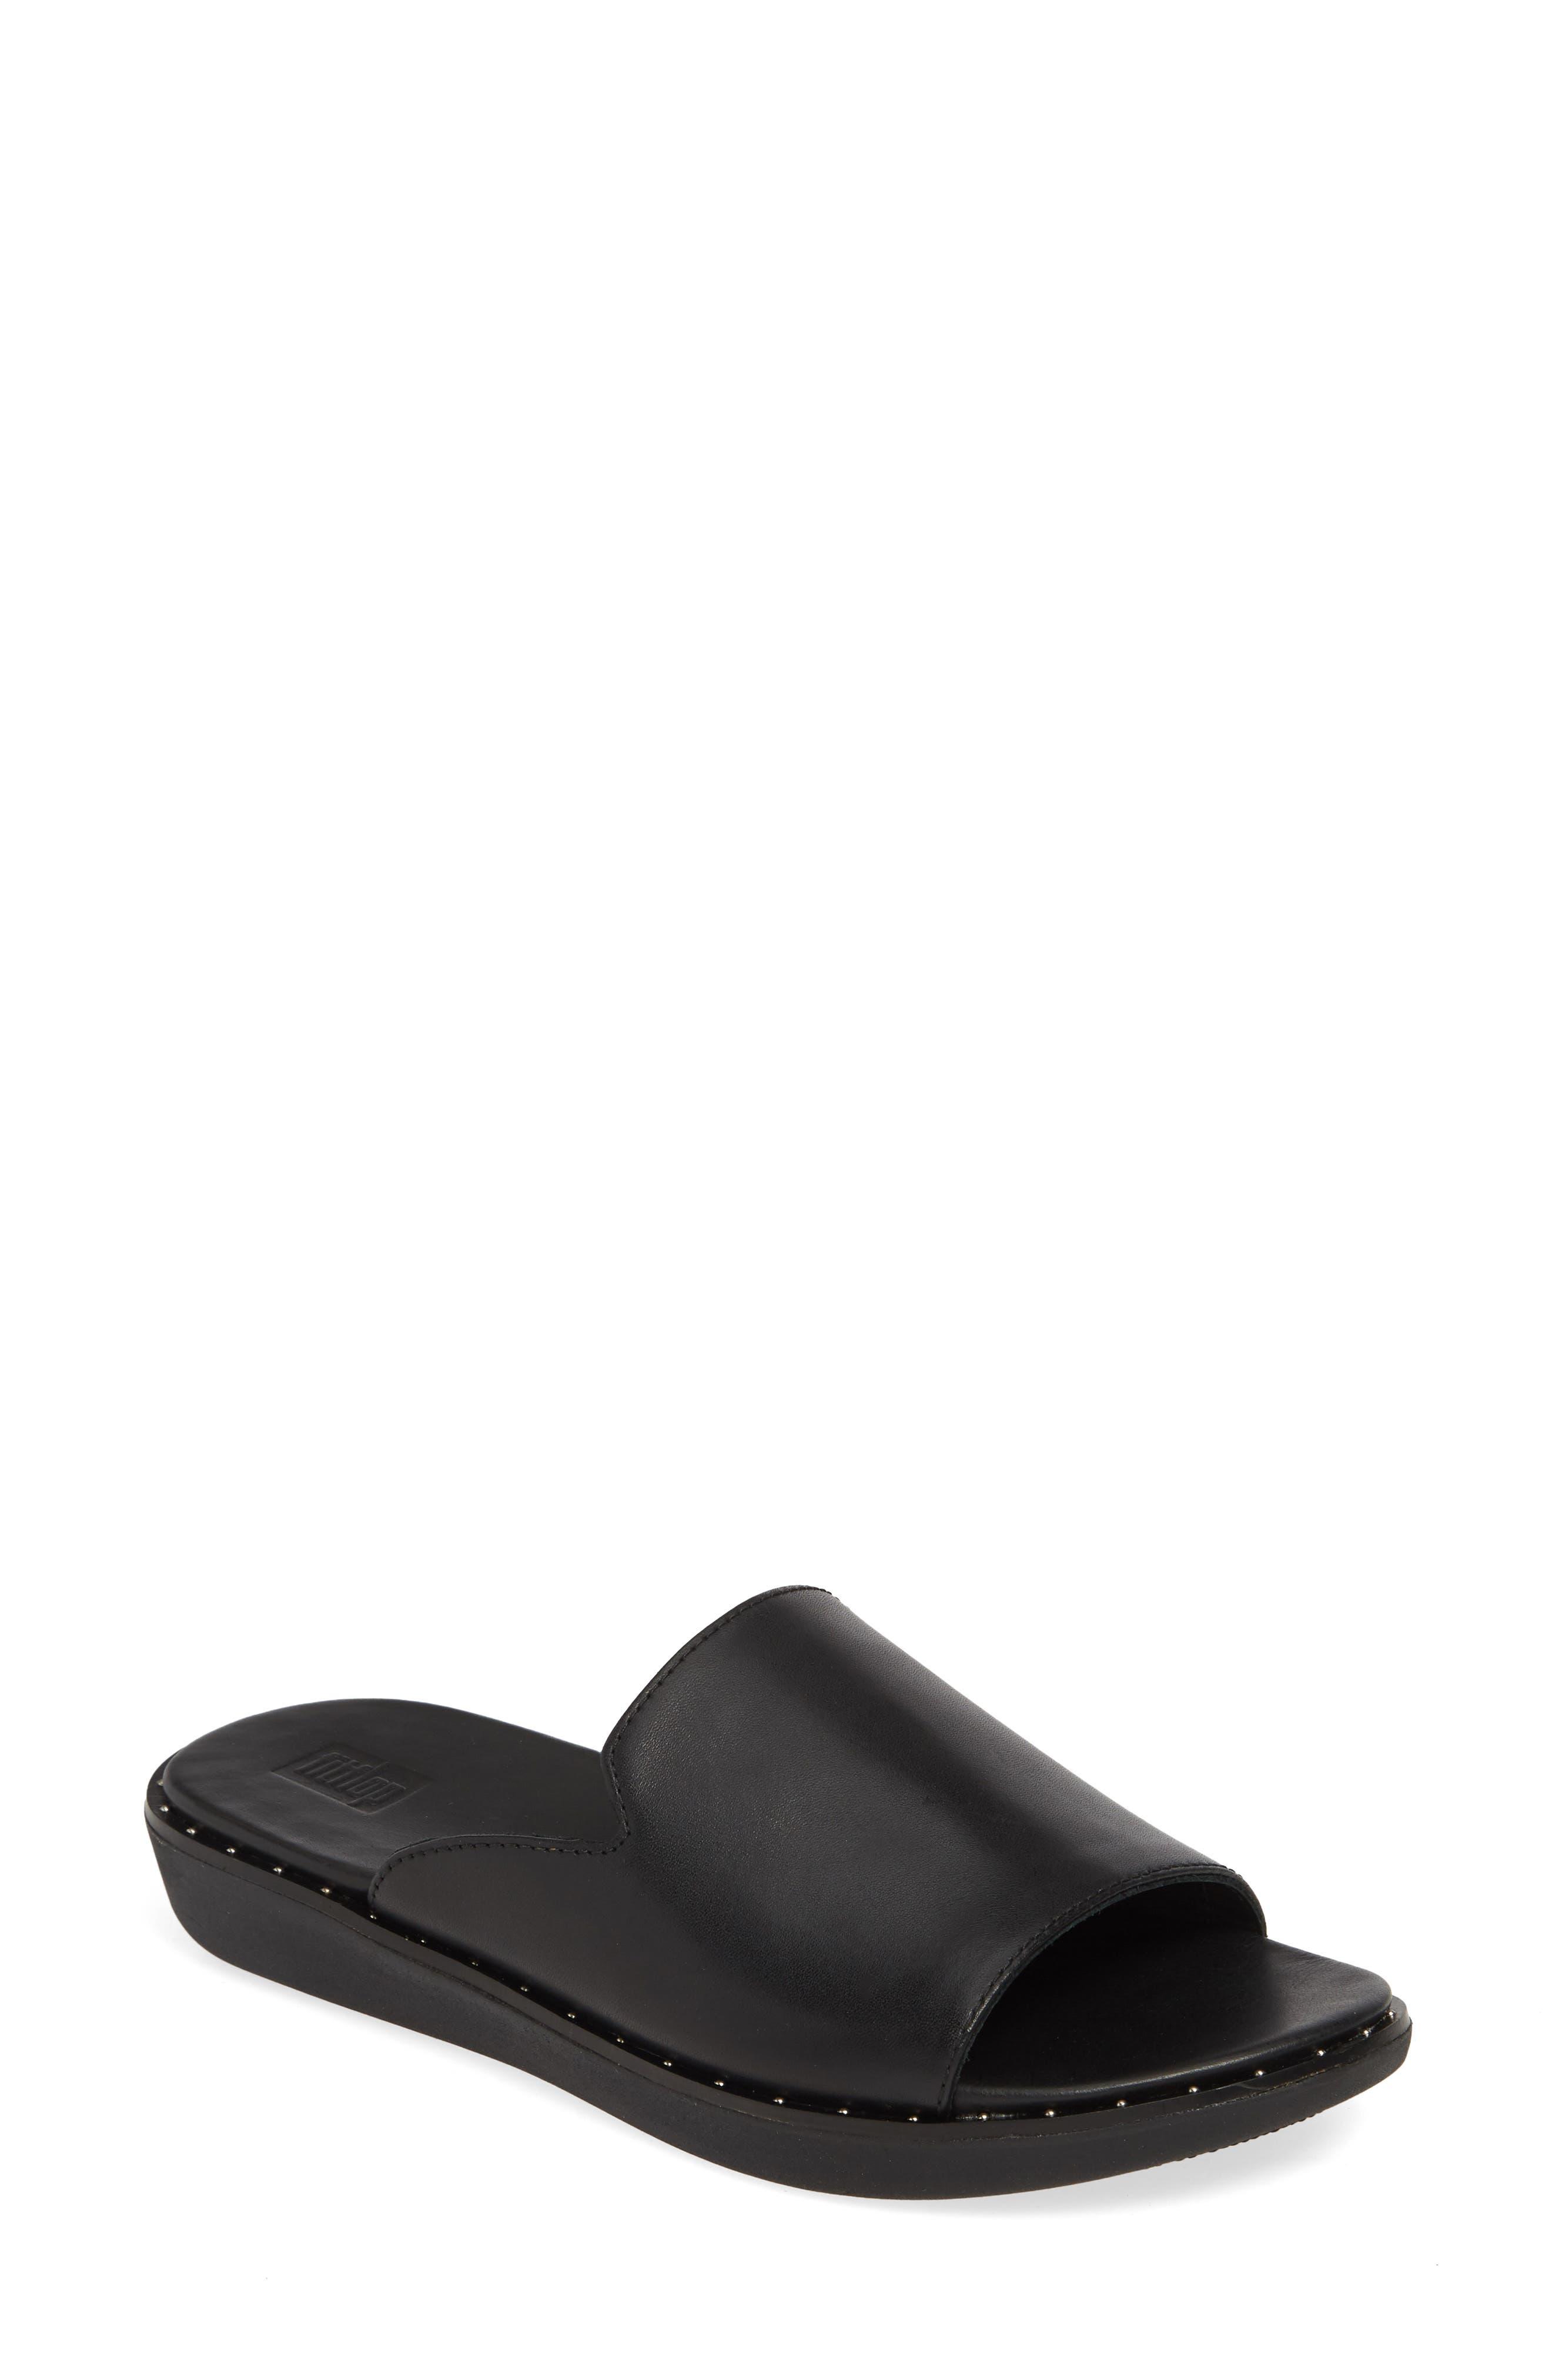 Fitflop Saffi Slide Sandal, Black